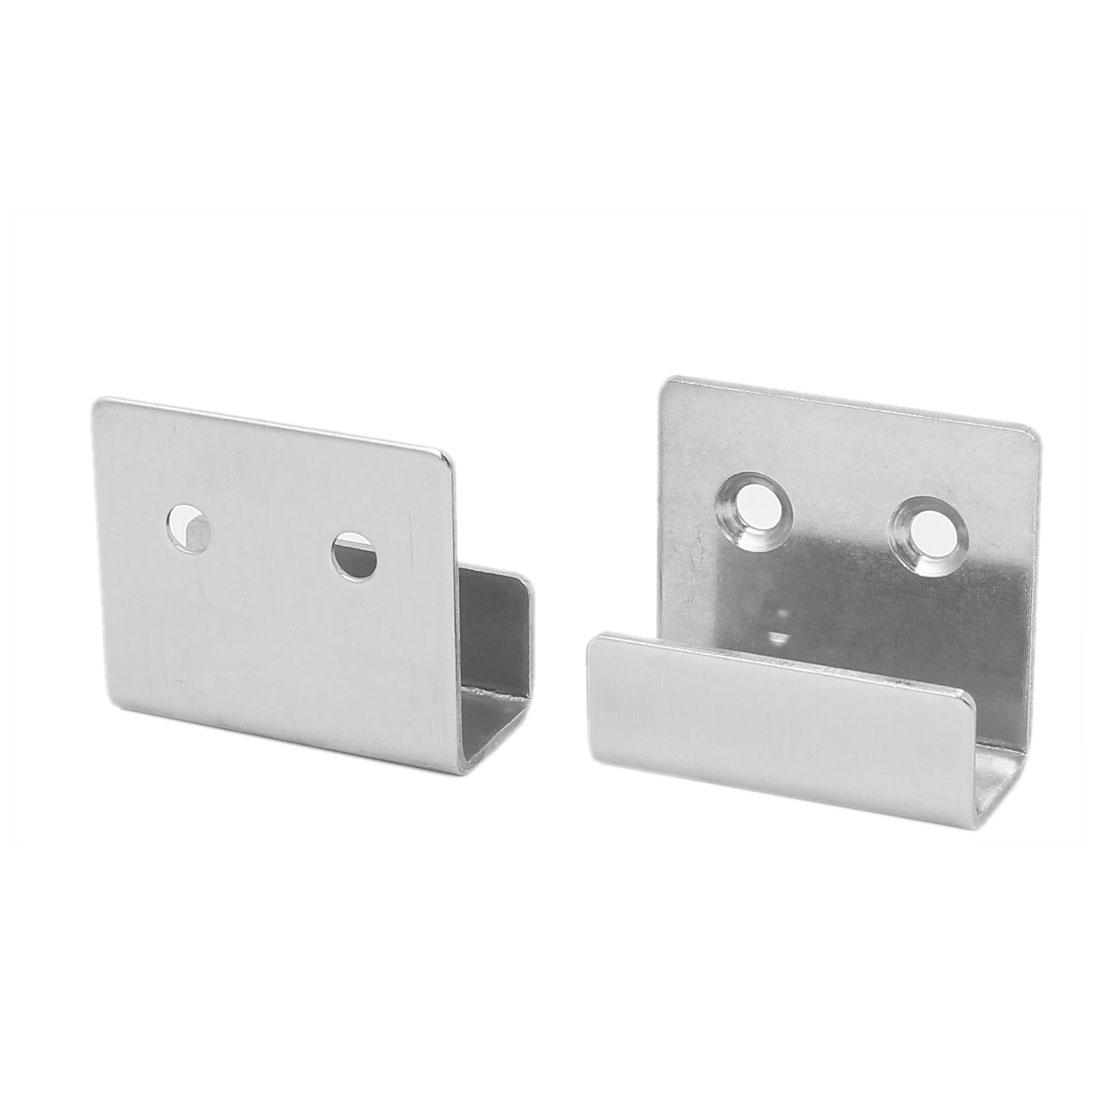 stainless steel wall hanger bracket